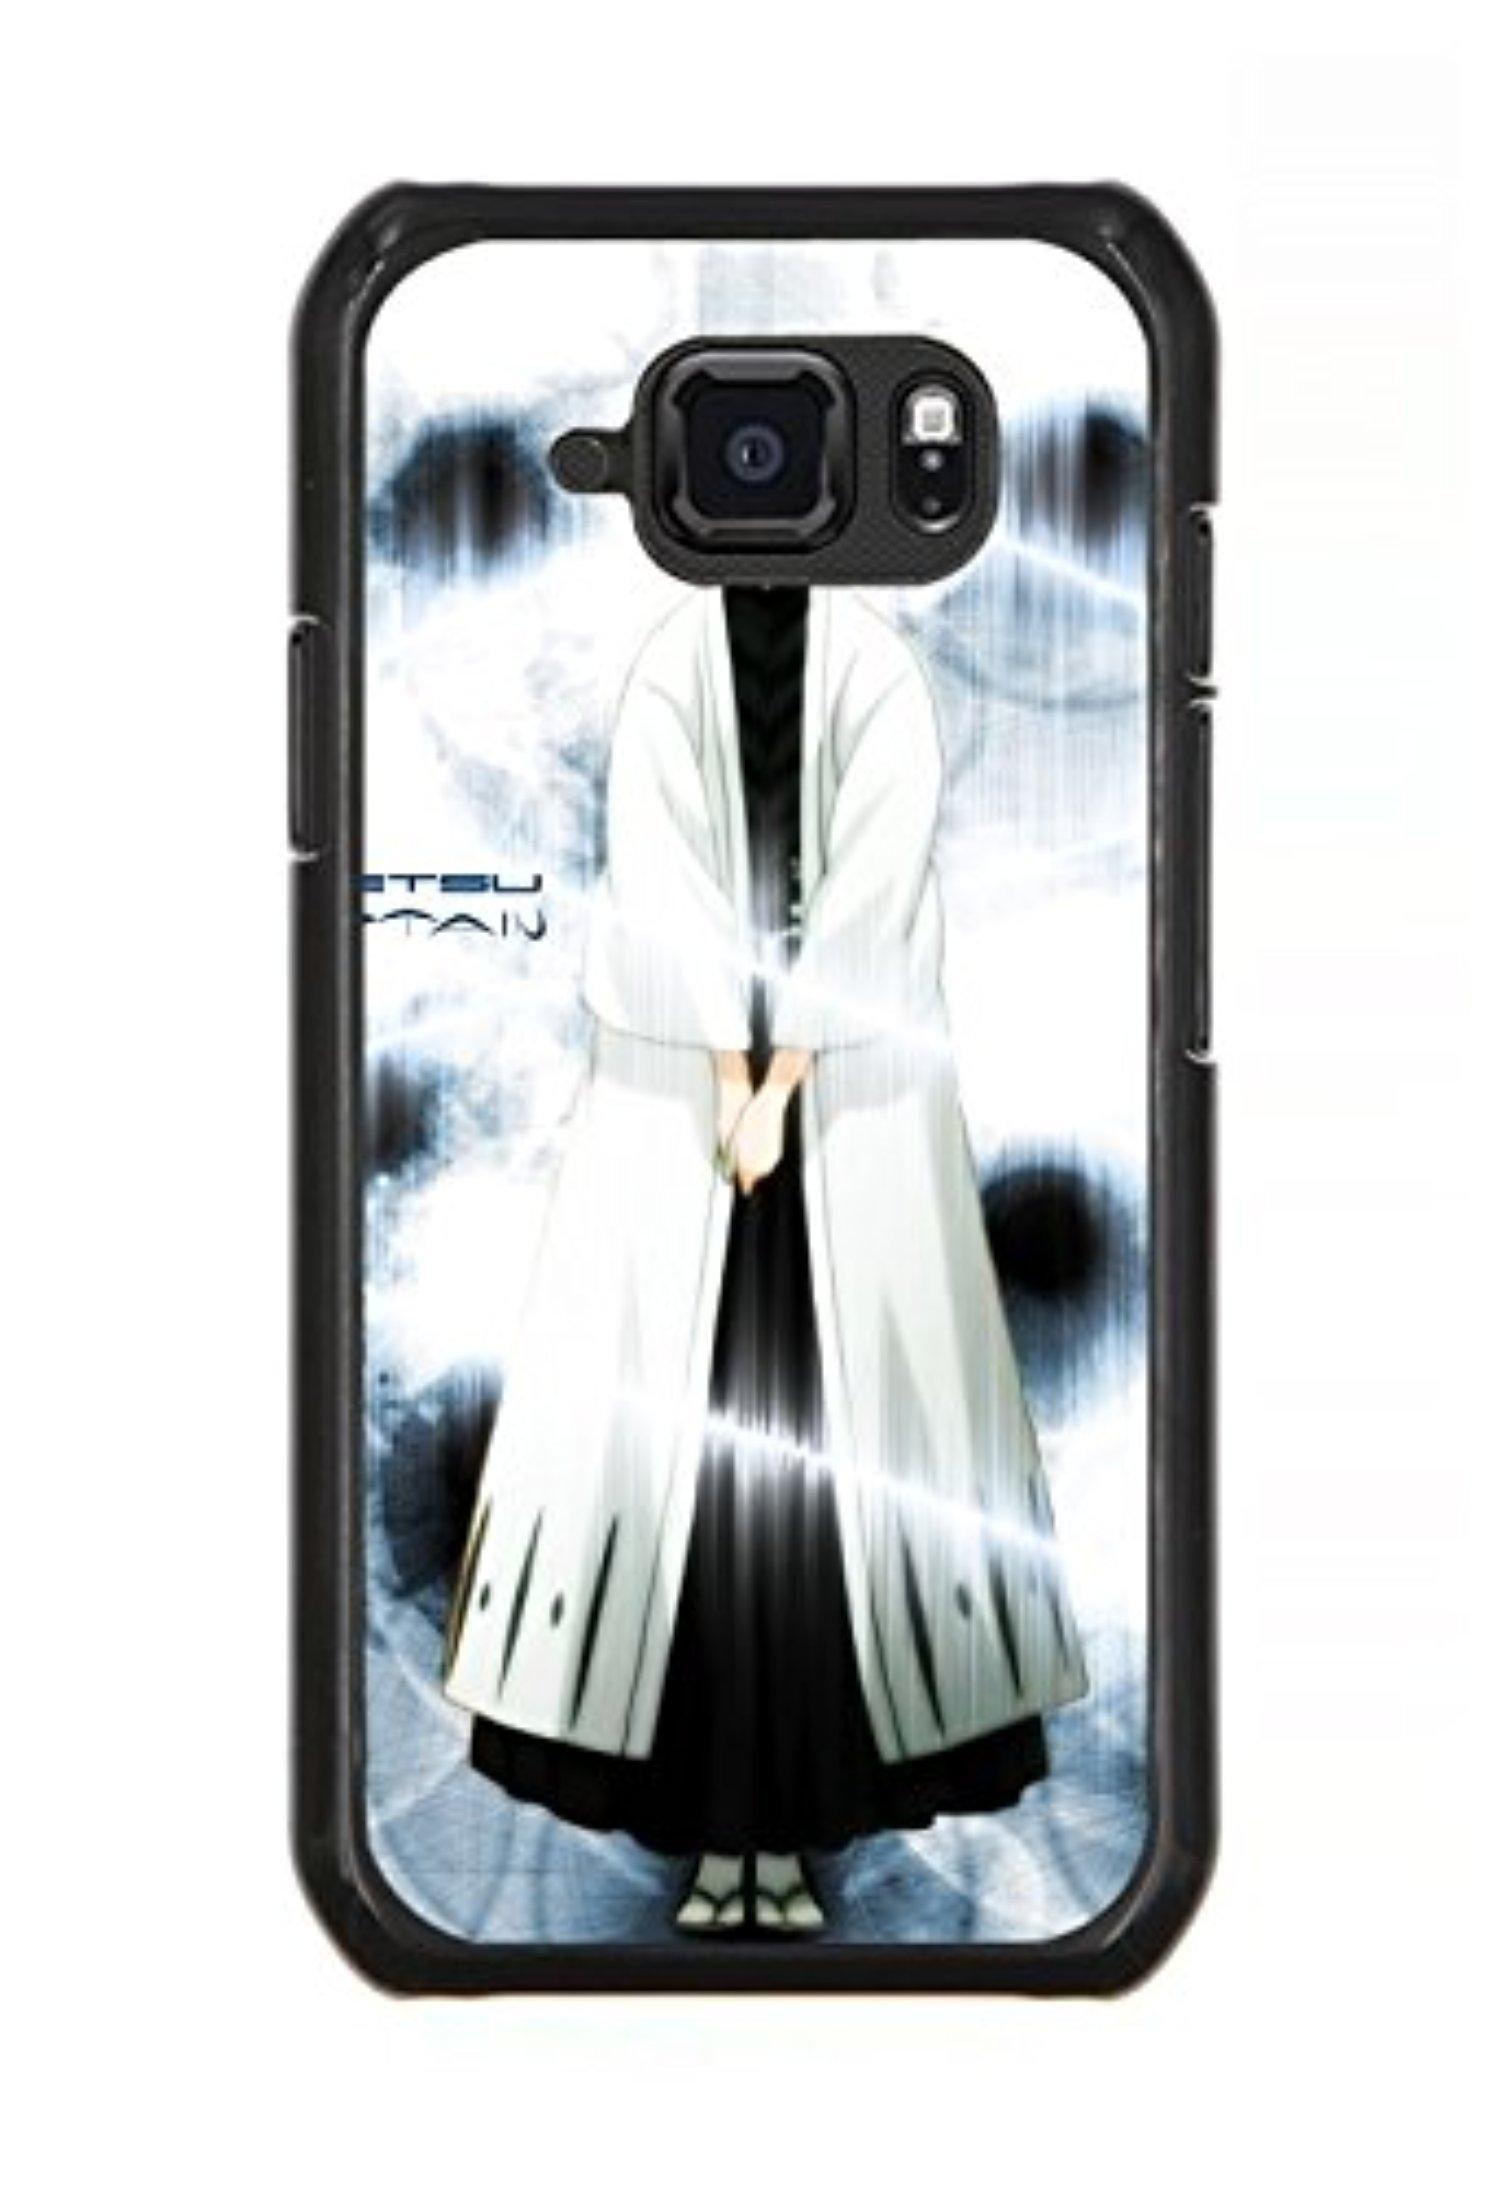 Samsung Galaxy S6 Active Version Protective Case Bleach Anime Protective Case Bumper [Anti